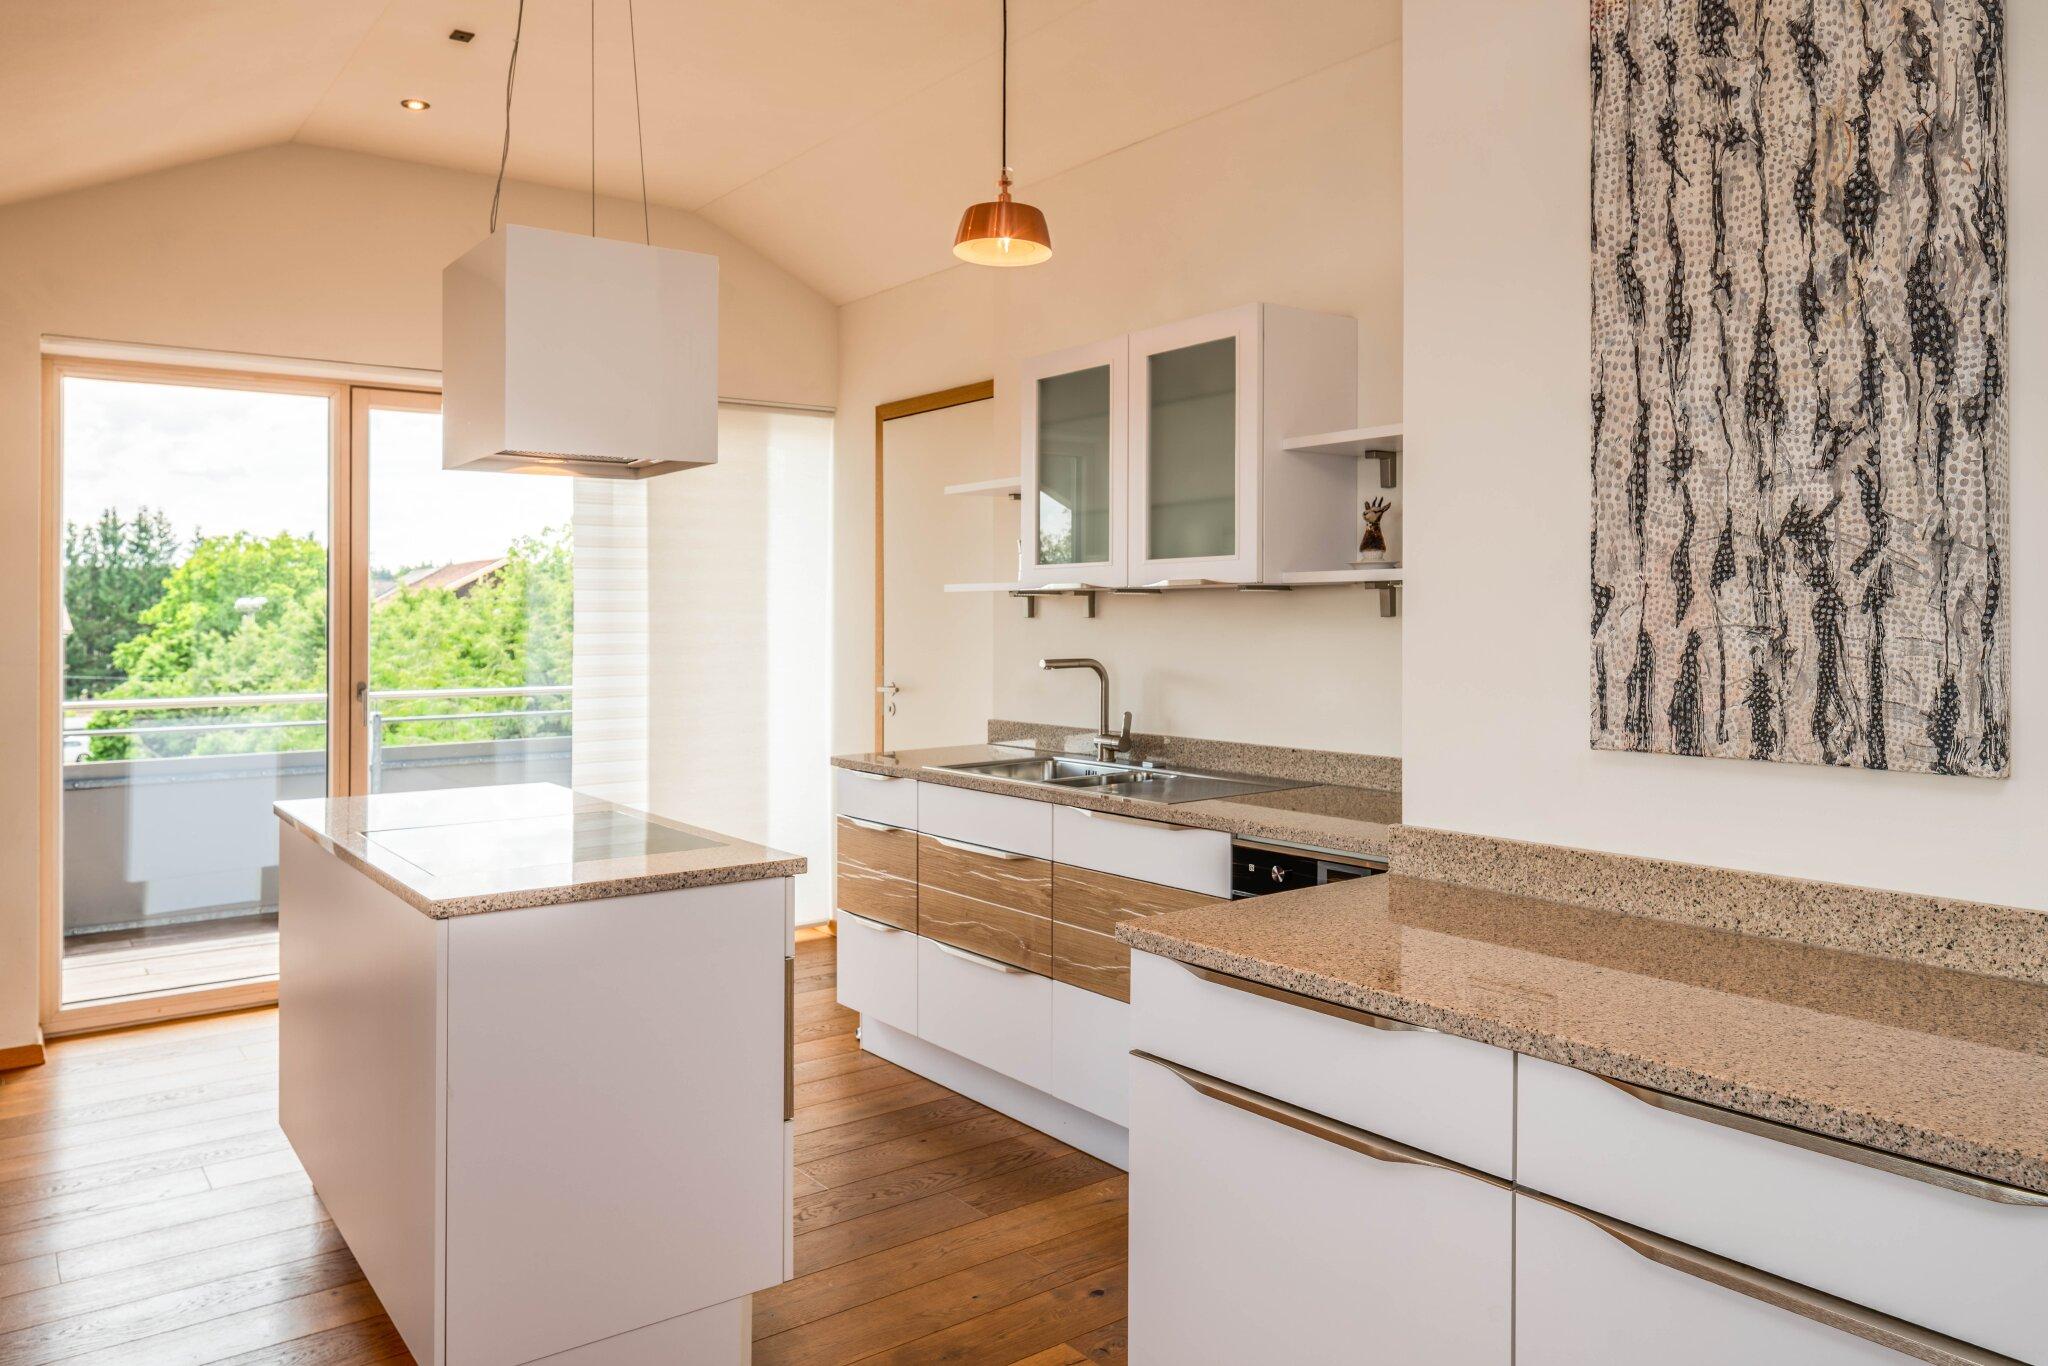 FeWo Loft 7, offene, moderne Wohnküche